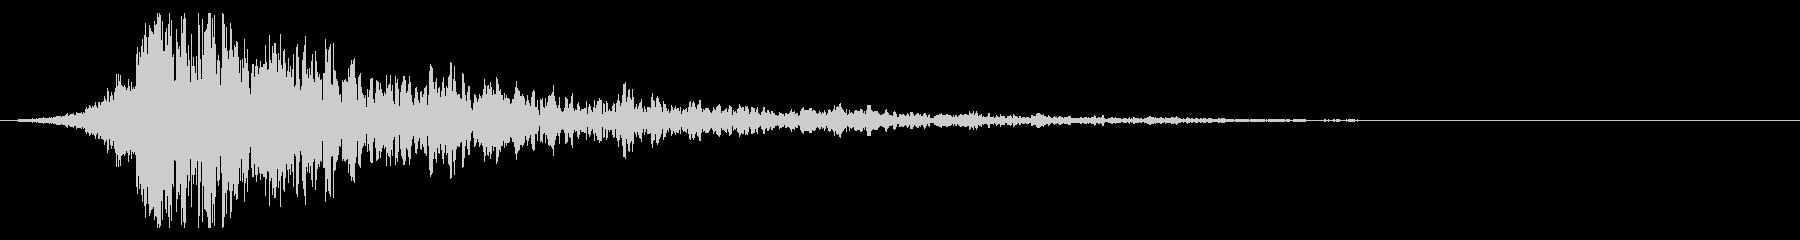 シュードーン-63-2(インパクト音)の未再生の波形